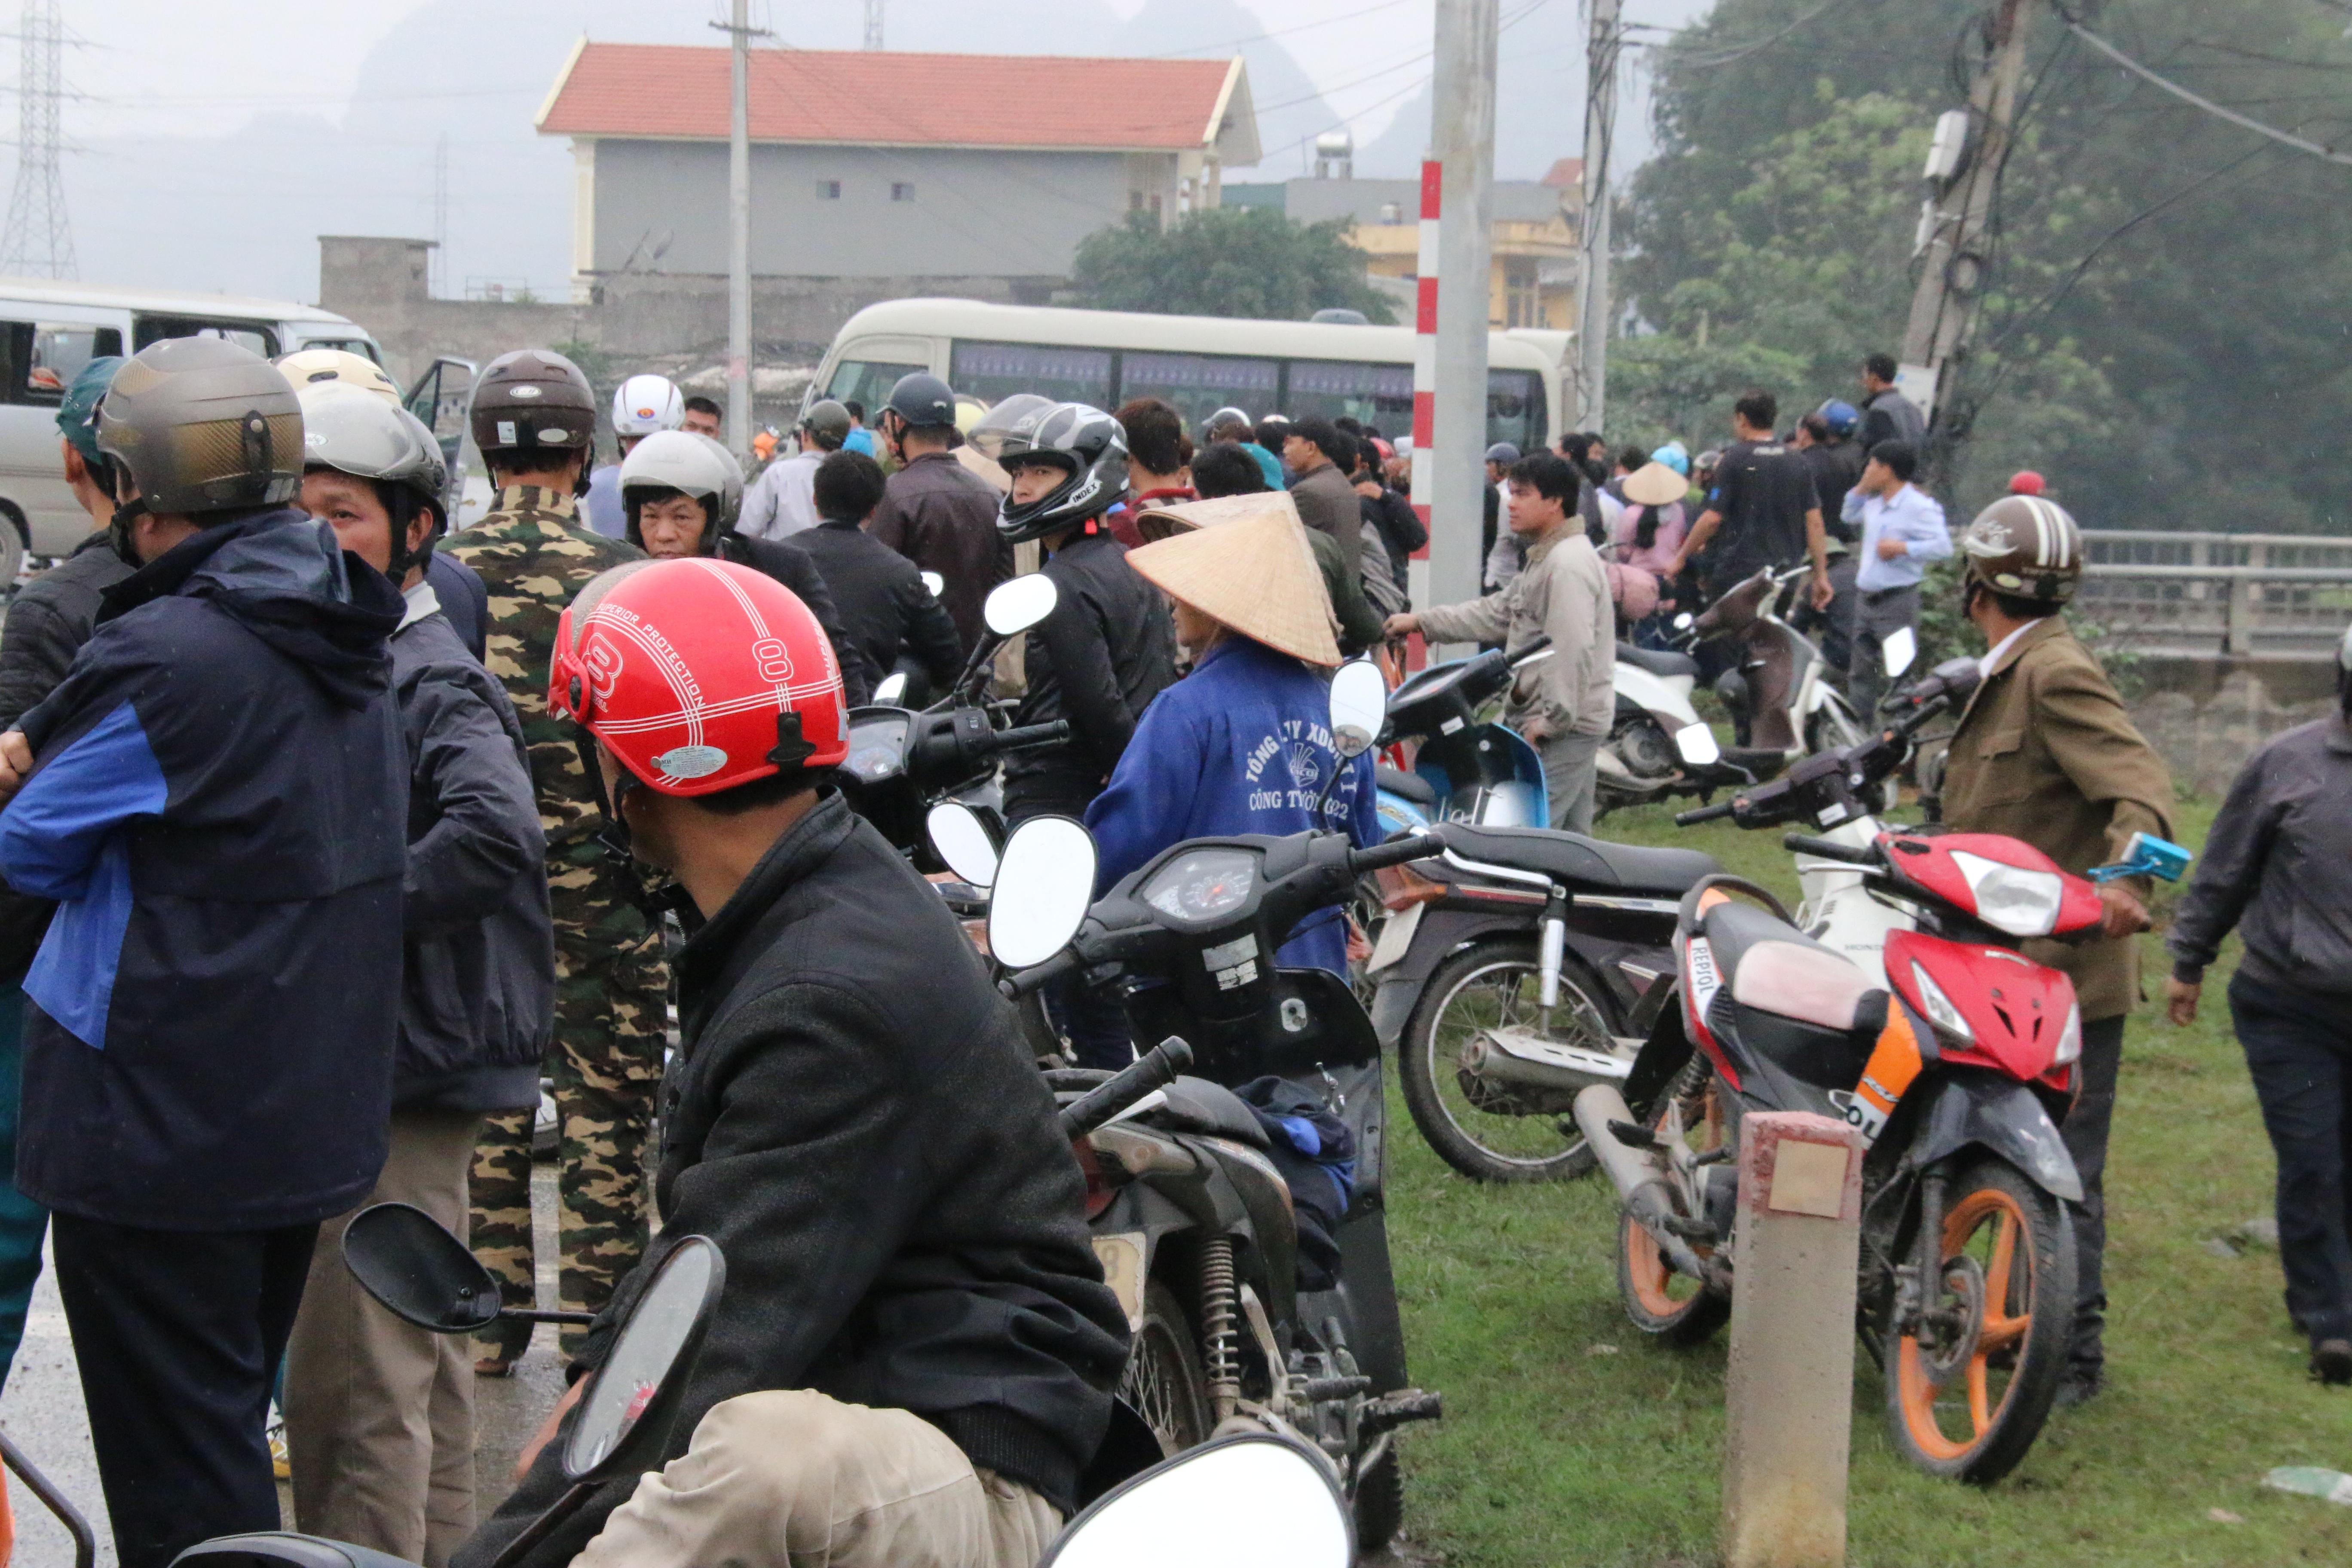 Chùm ảnh: Hiện trường vụ xe đón dâu đâm vào xe tải khiến 3 người thiệt mạng, 16 người khác bị thương - Ảnh 10.